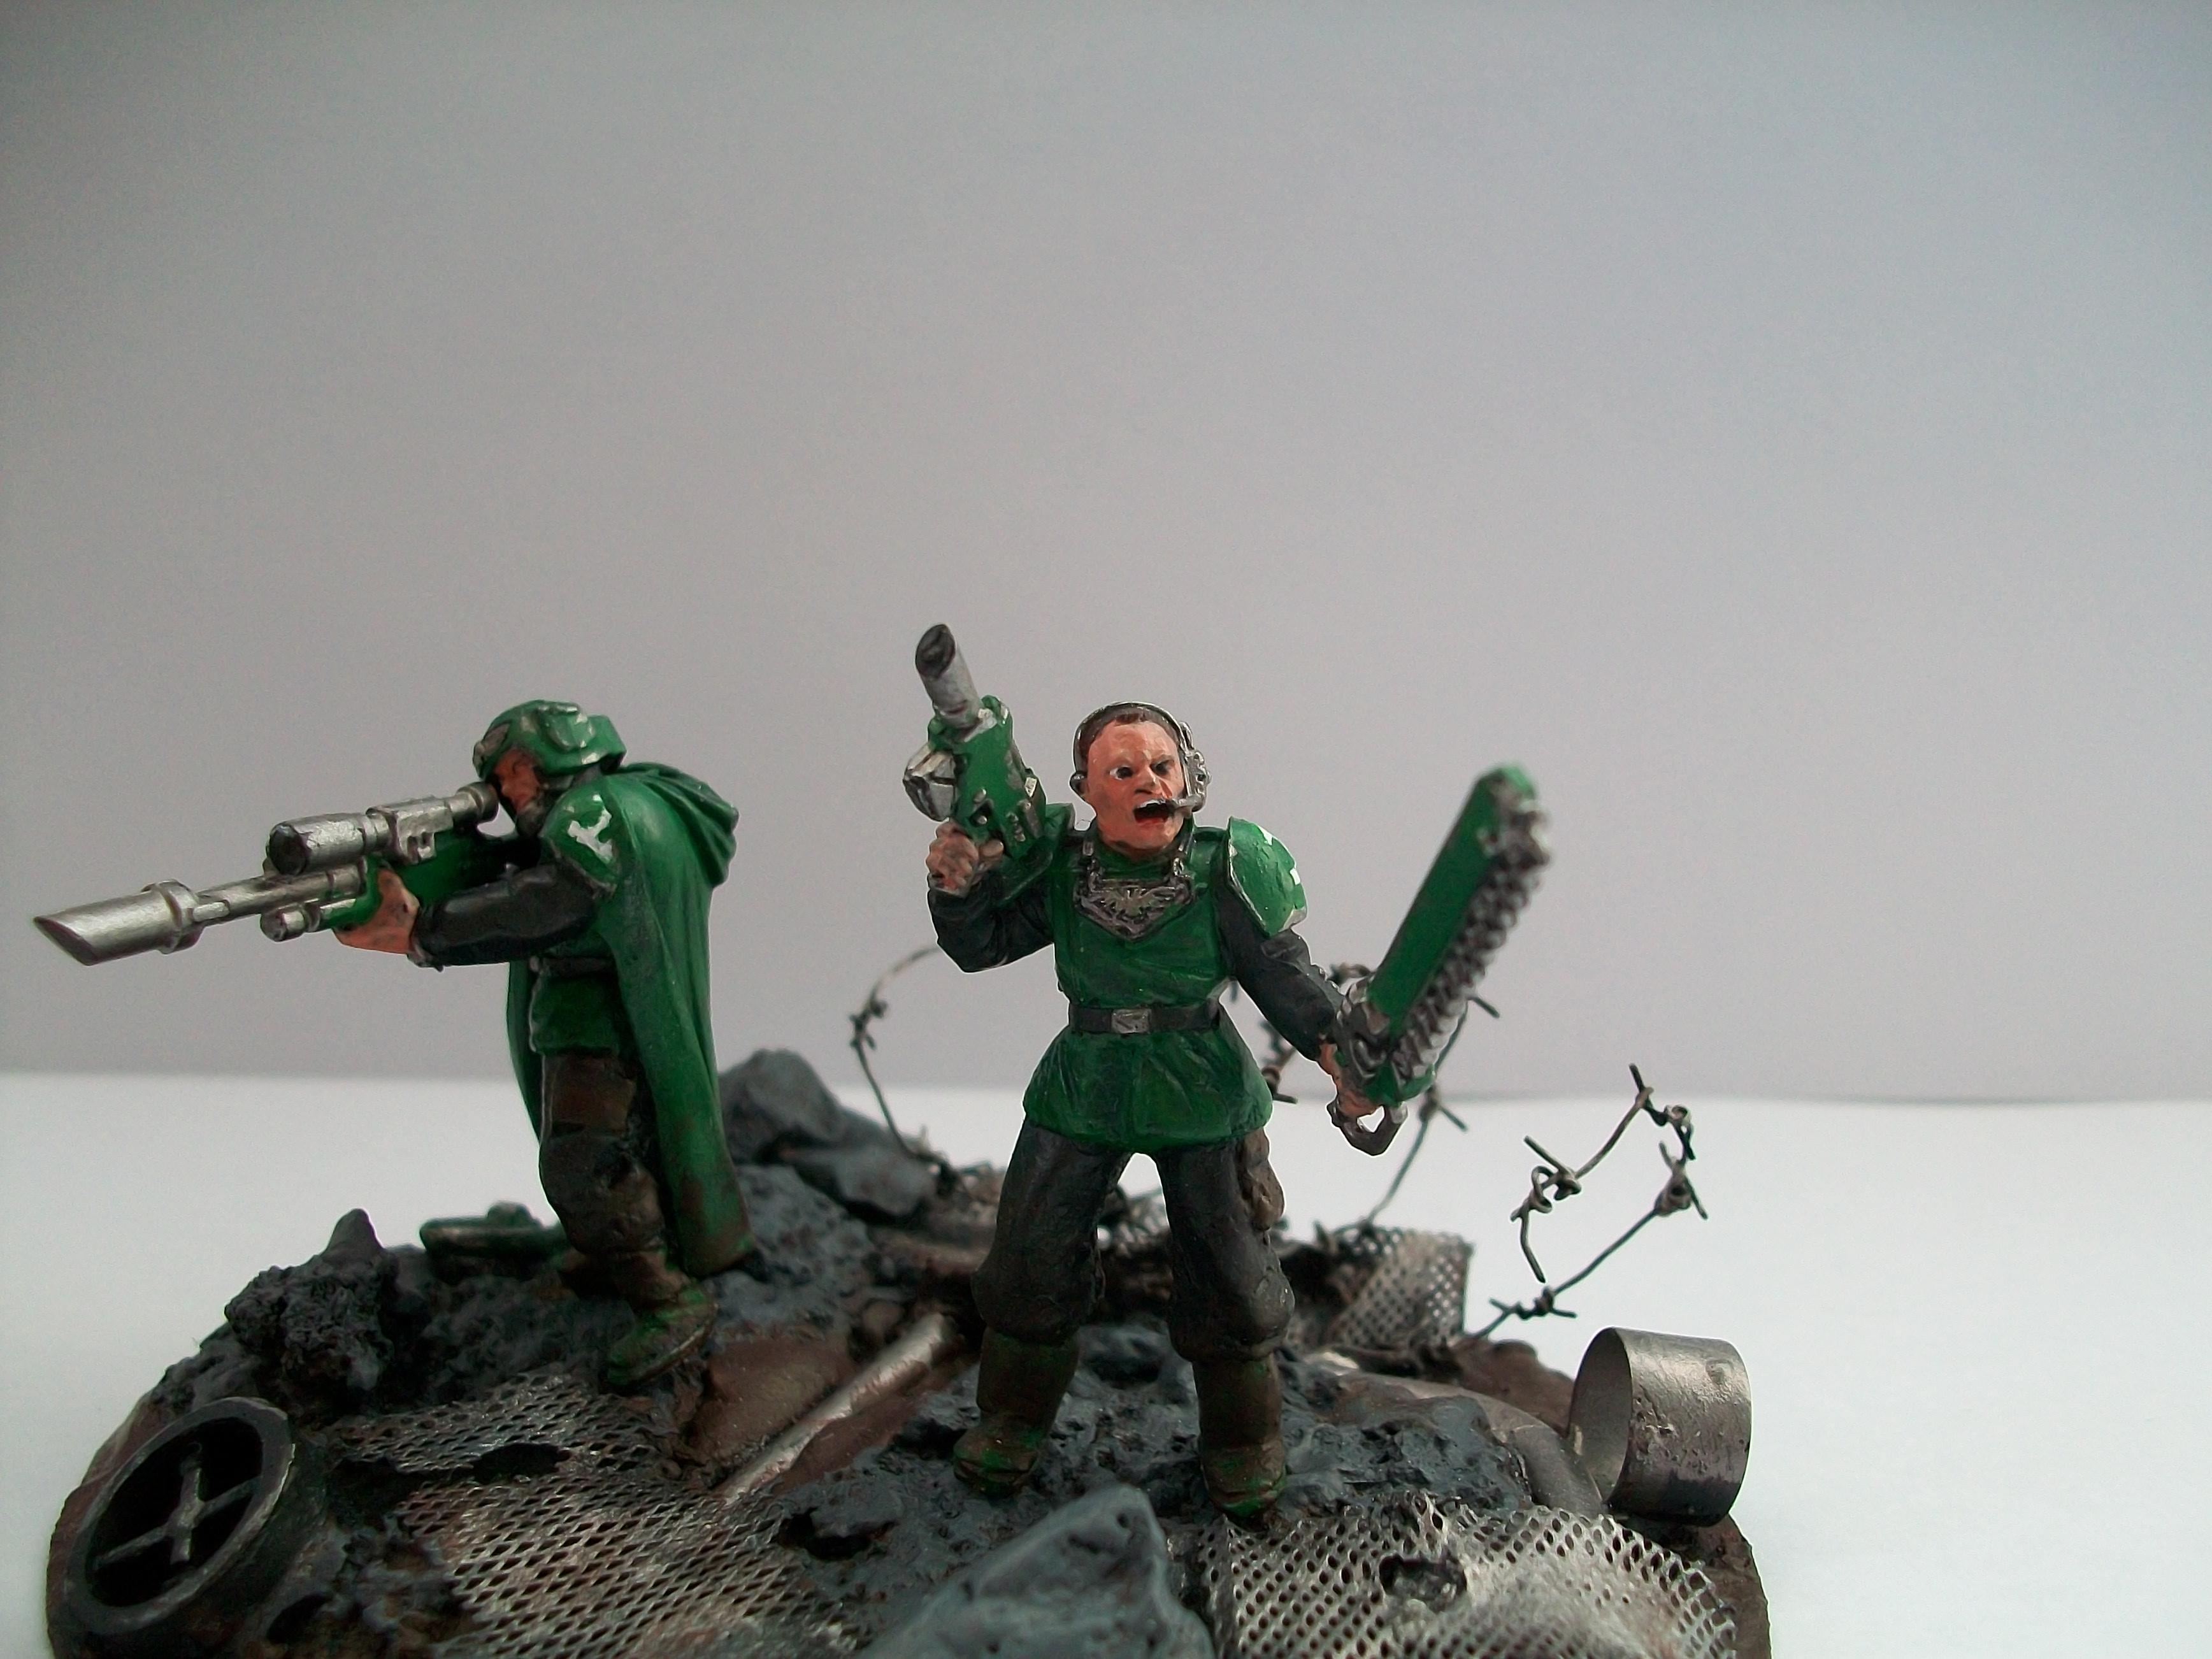 Diorama, Guardsmen, Warhammer 40,000